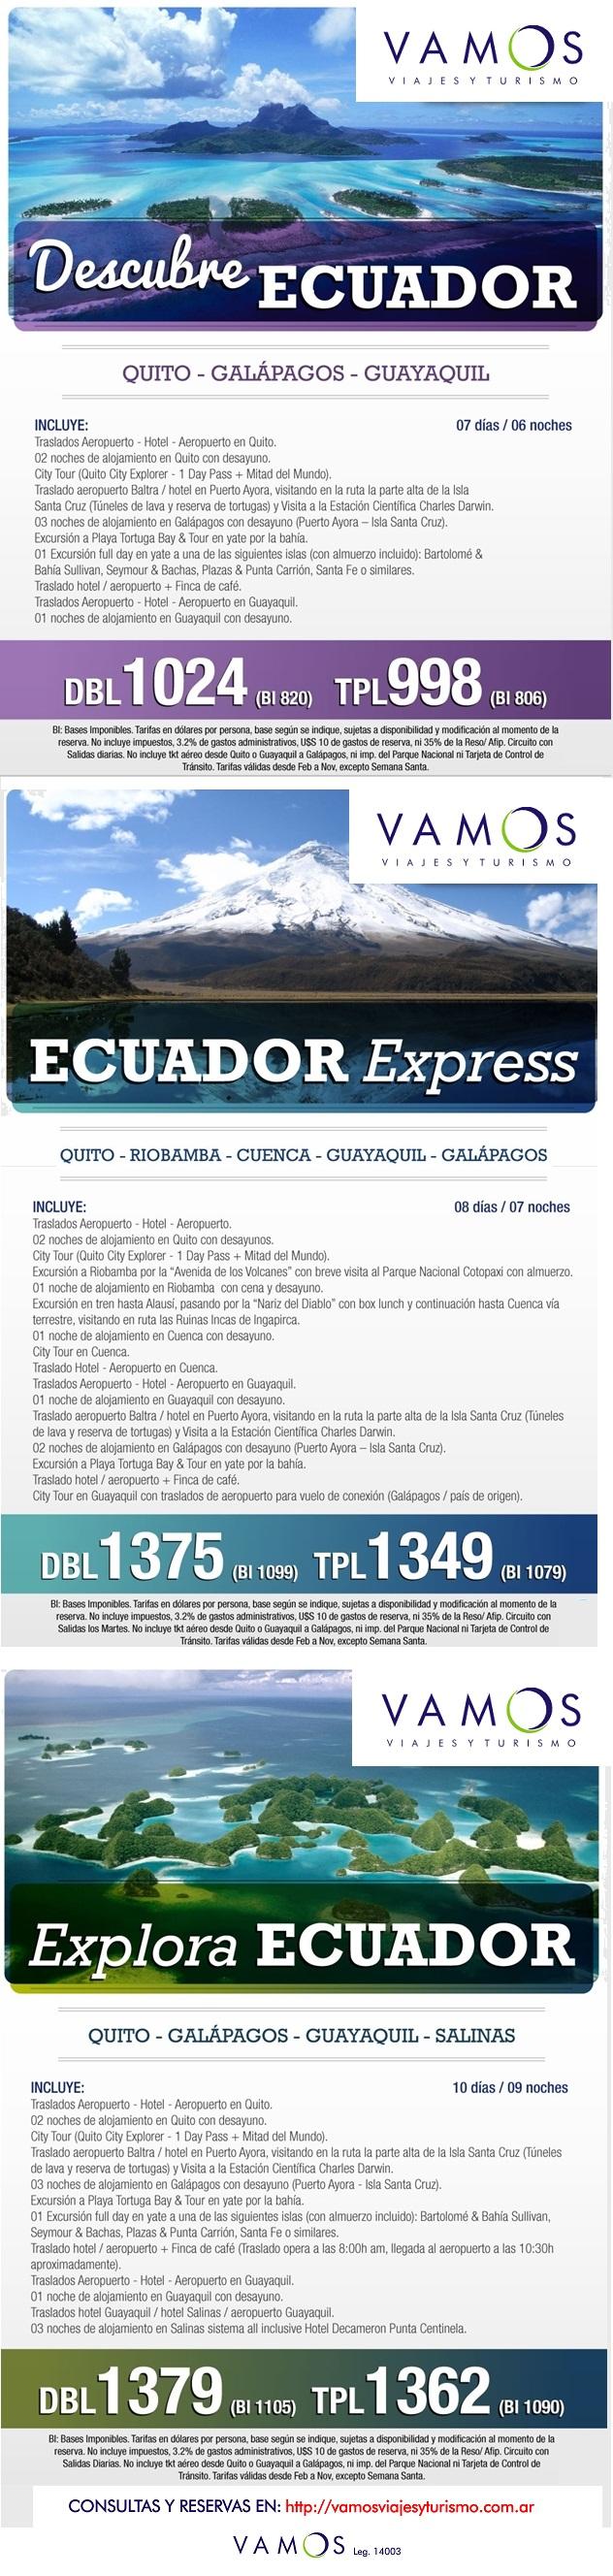 ECUADOR 2015 OK